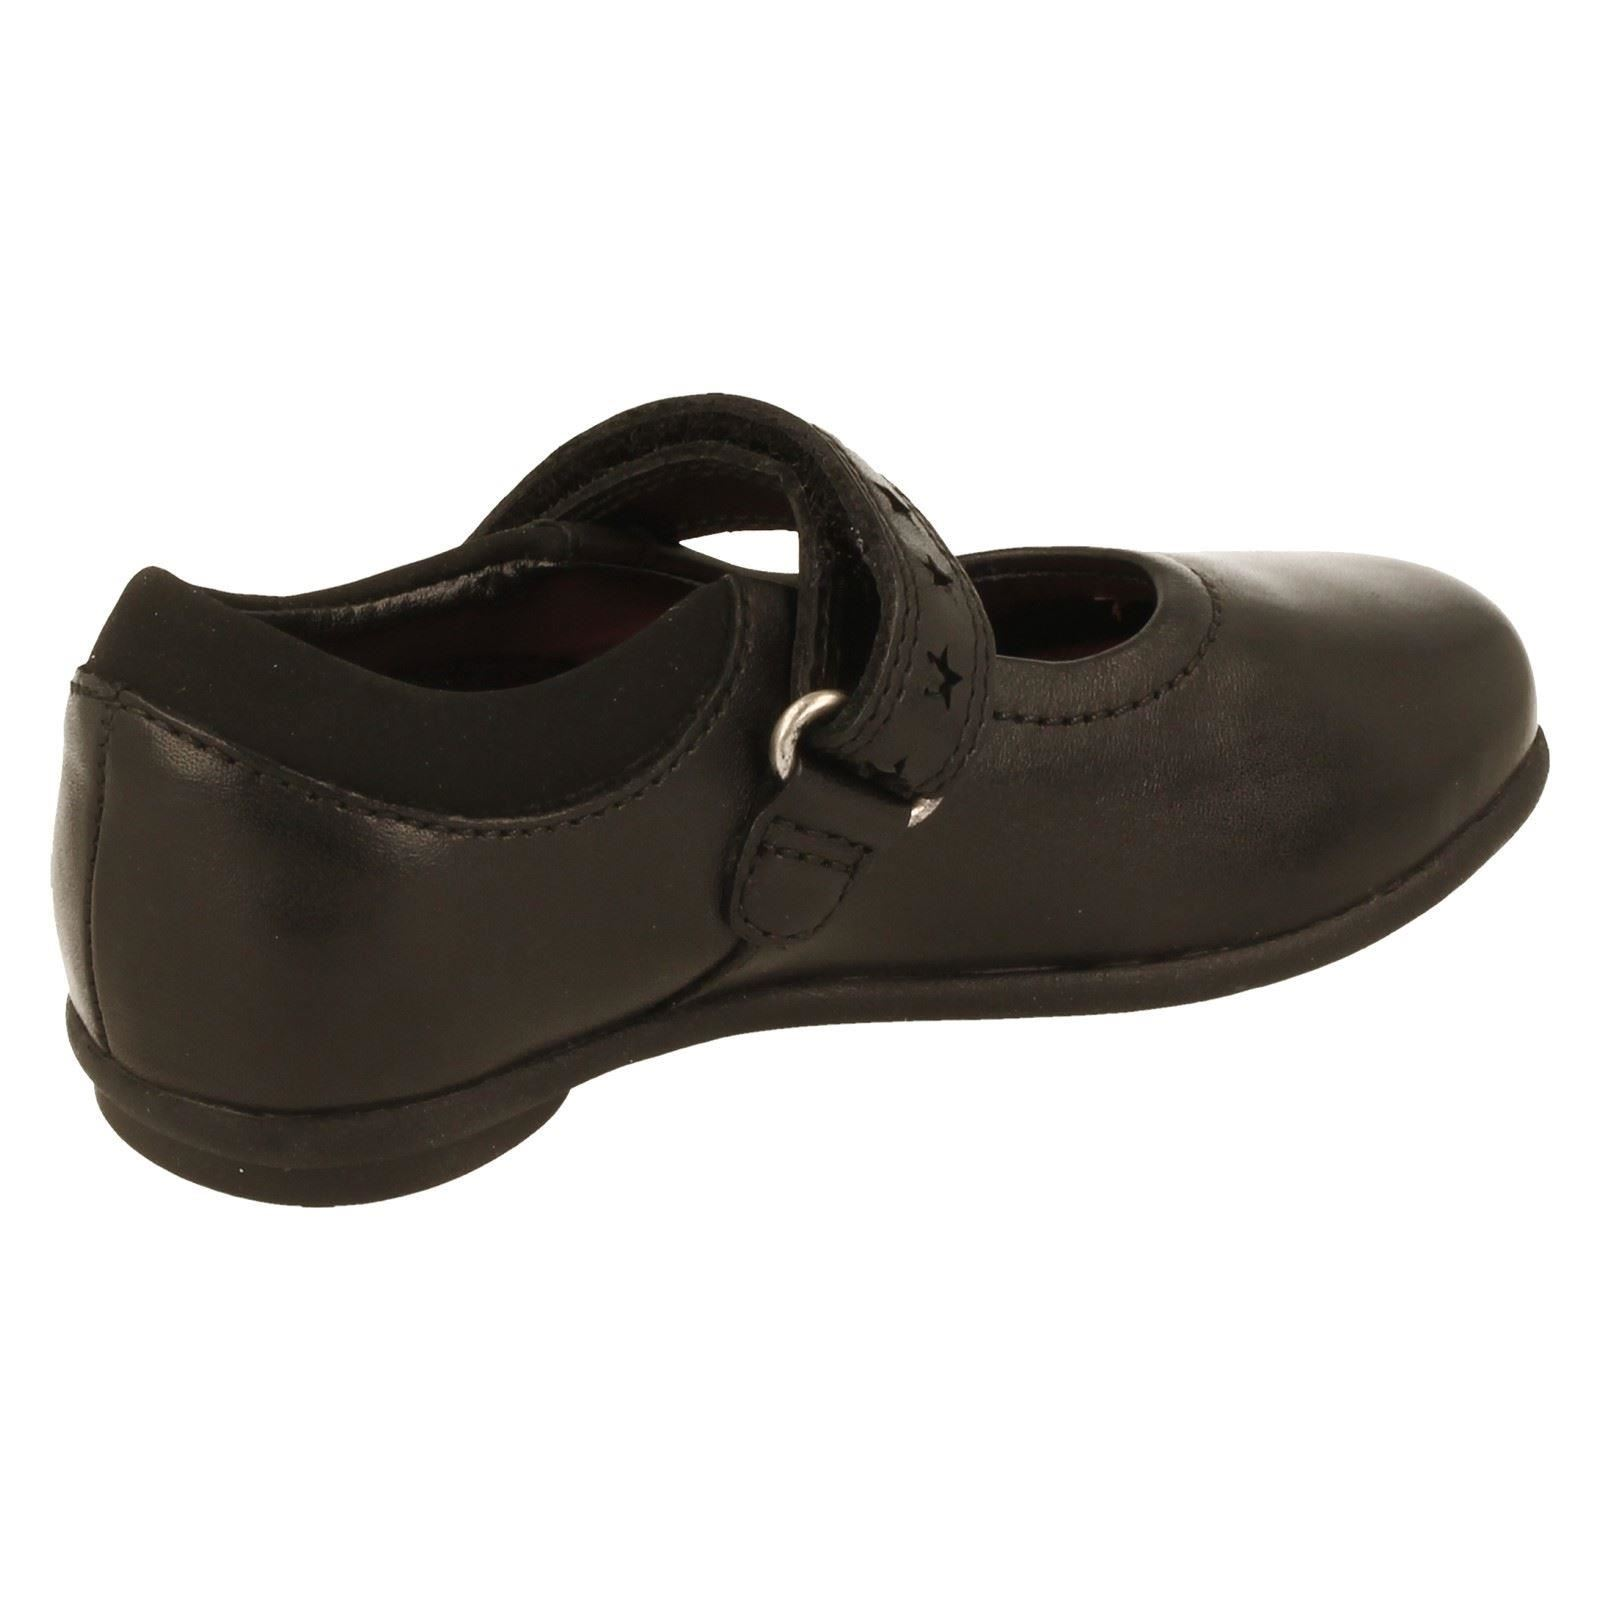 Girls Clarks School Shoes Style Daisy Leap -W